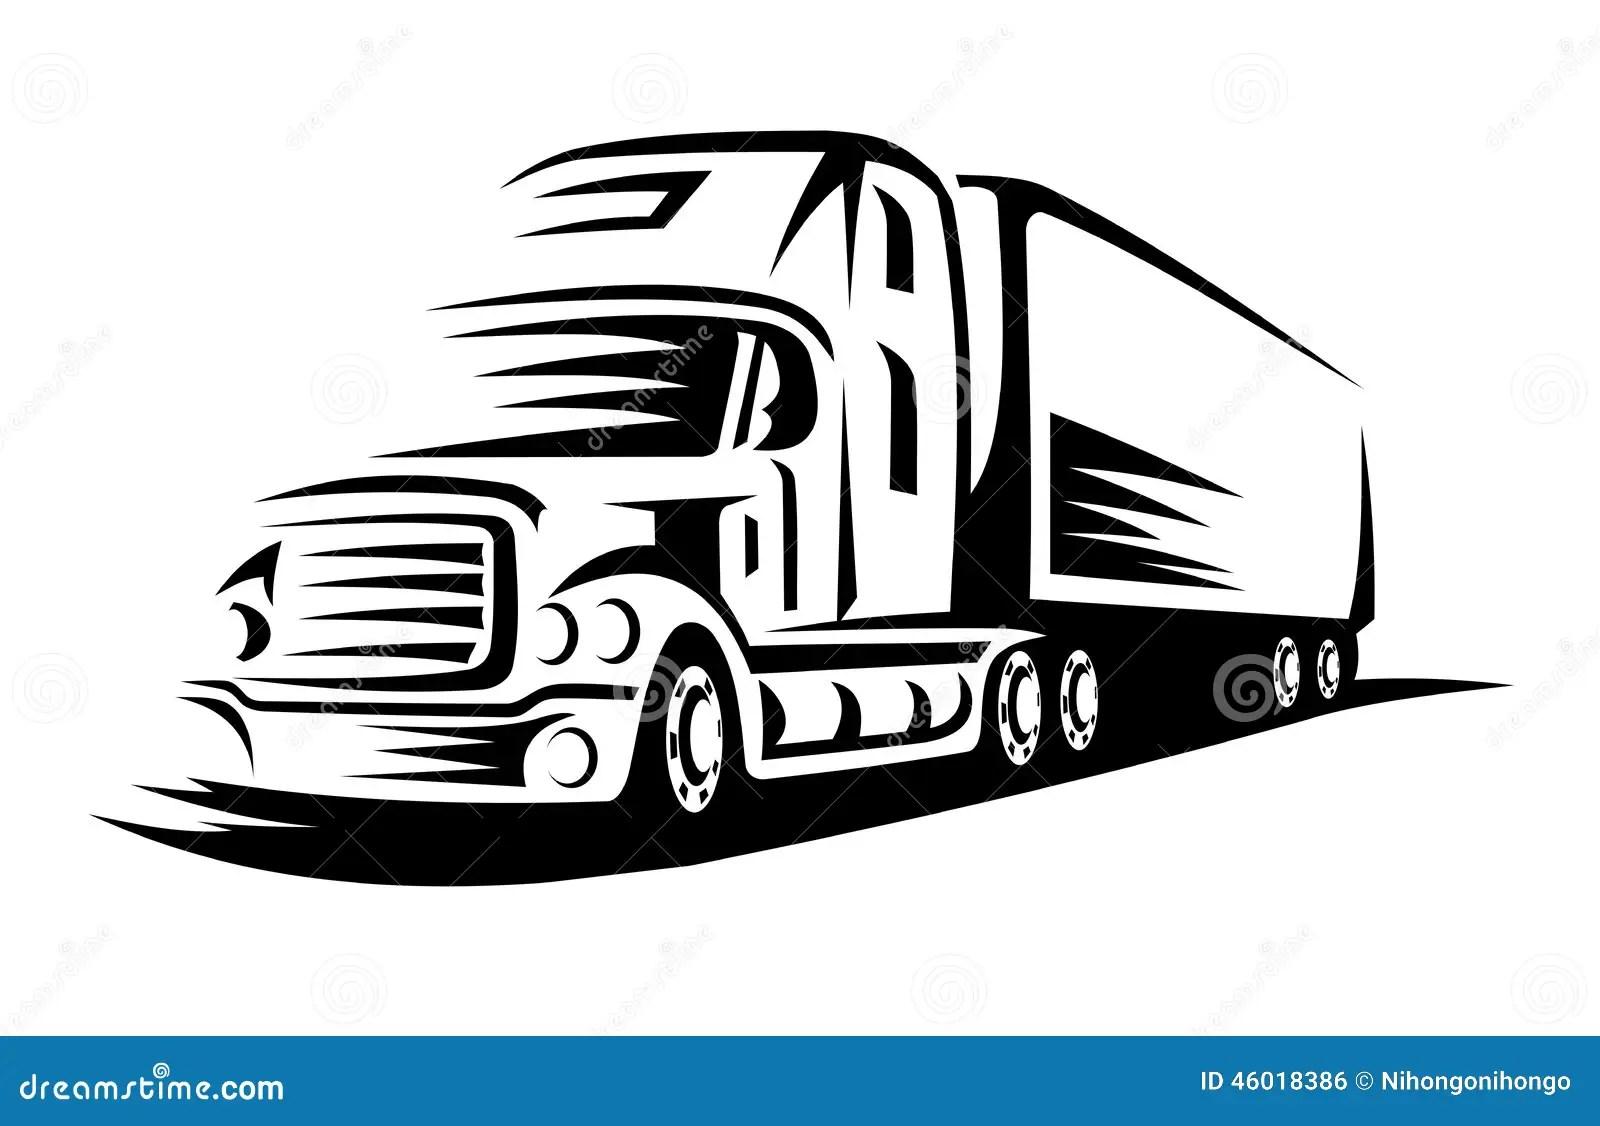 International Semi Truck Fuel Filters